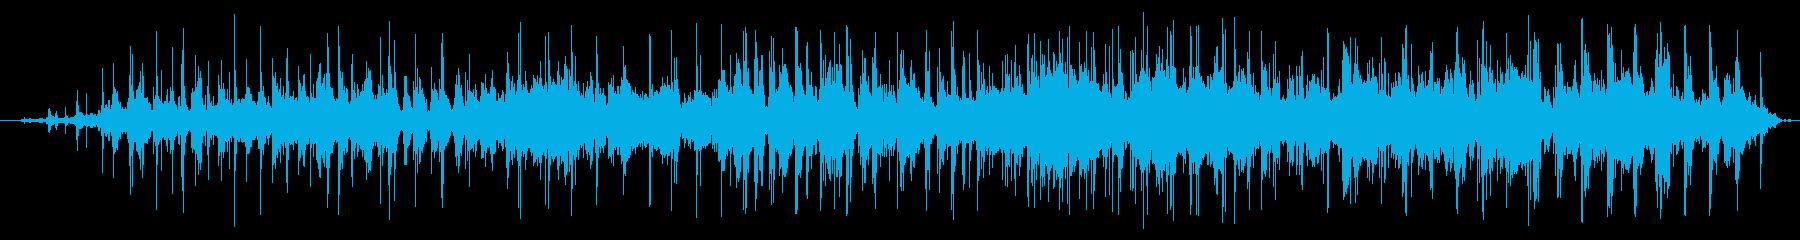 ミディアムインドアクラウド:ヘビー...の再生済みの波形